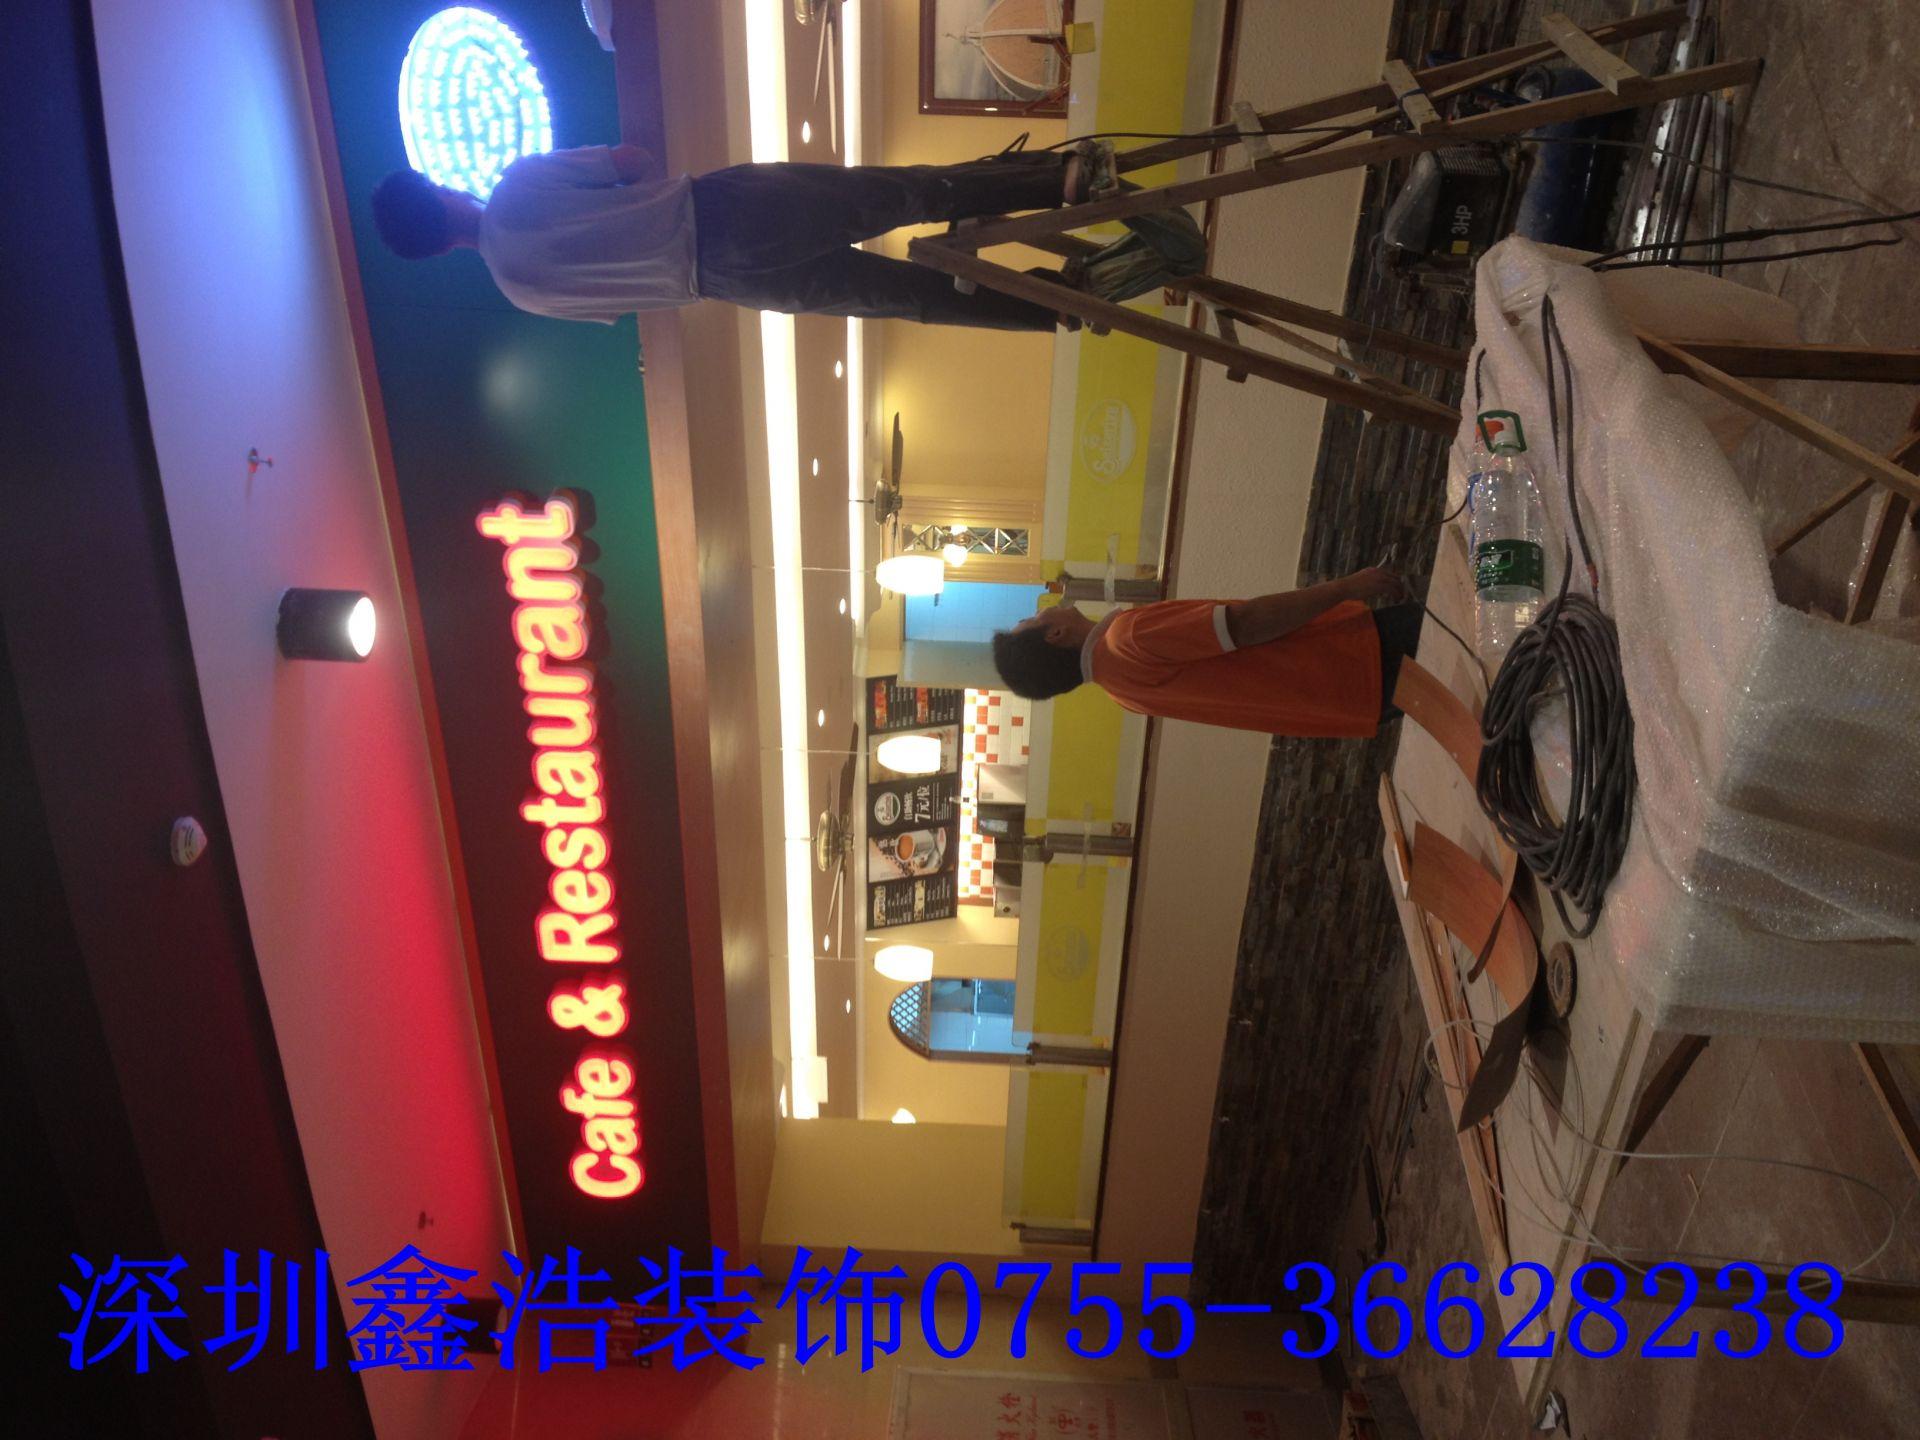 深圳店铺装修 专卖店,服装店设计 商场,门面装修